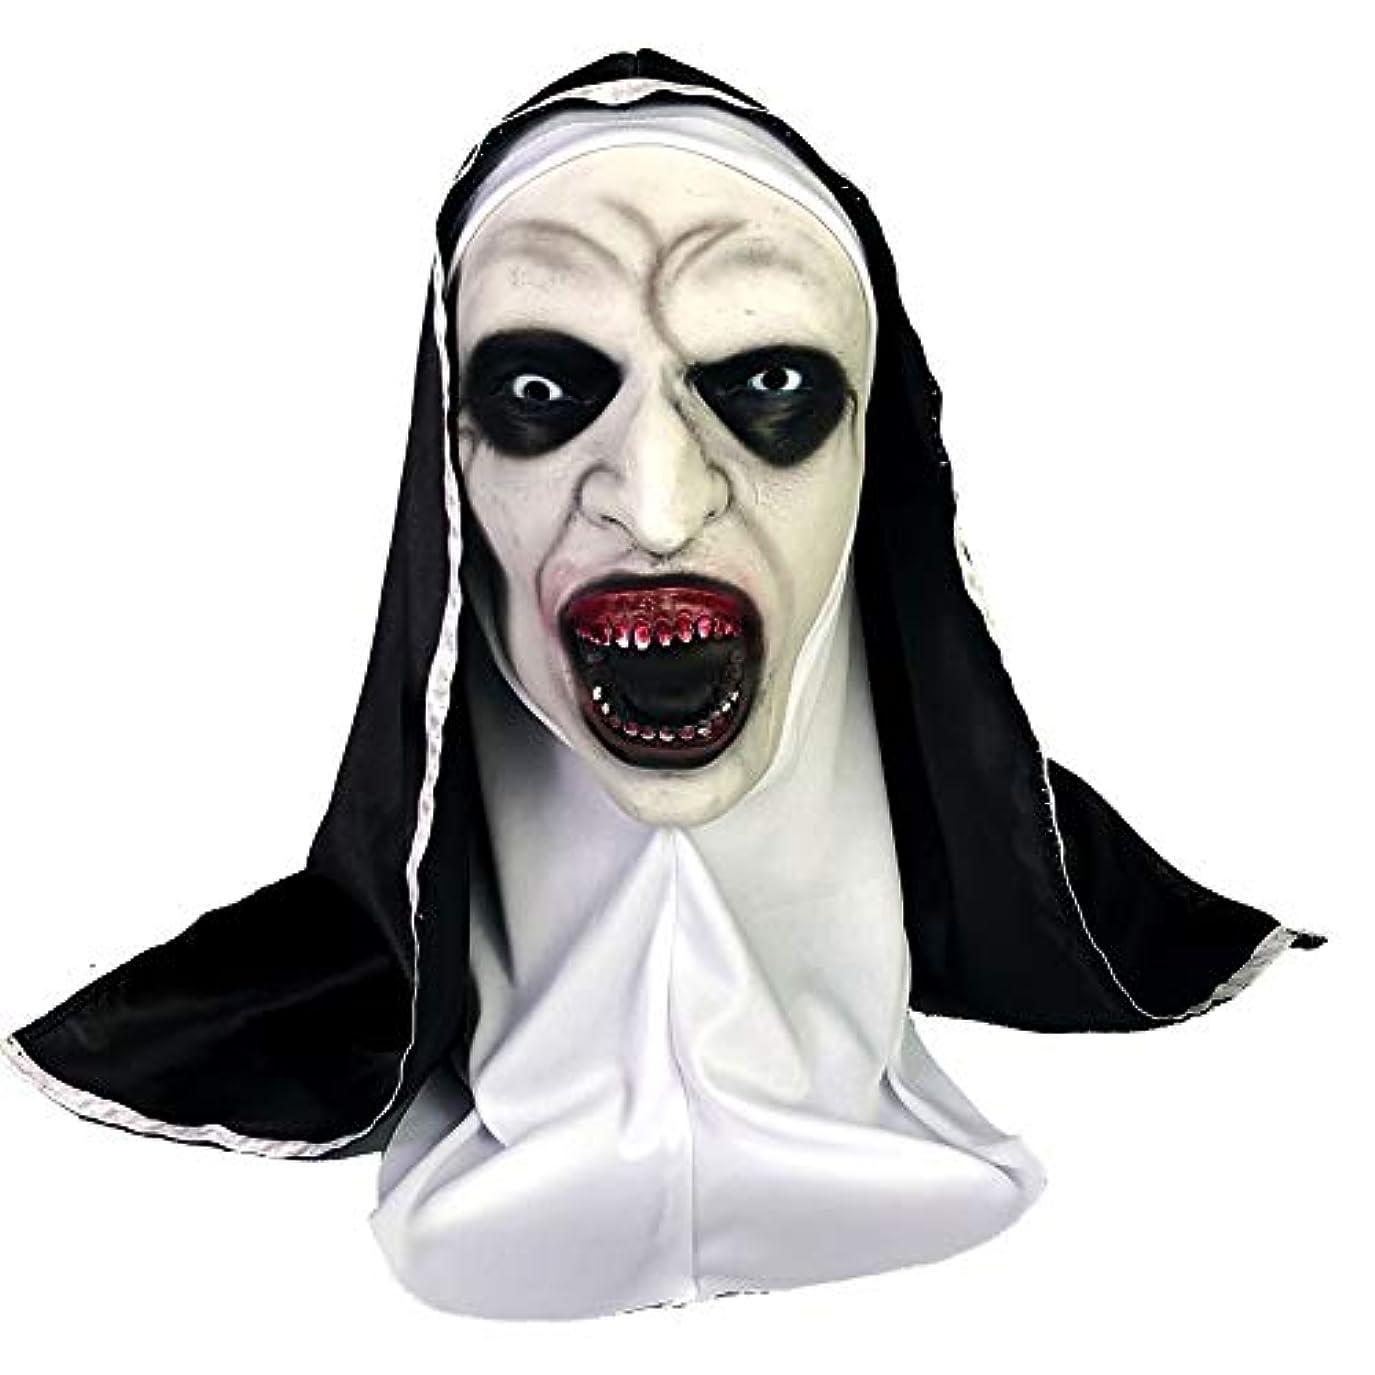 法廷警報皮KISSION ハロウィンマスク ホラーマスク ユニークなホラー修道女マスク ハロウィンコスプレドレスアップアイテム お化け屋敷パーティー用品